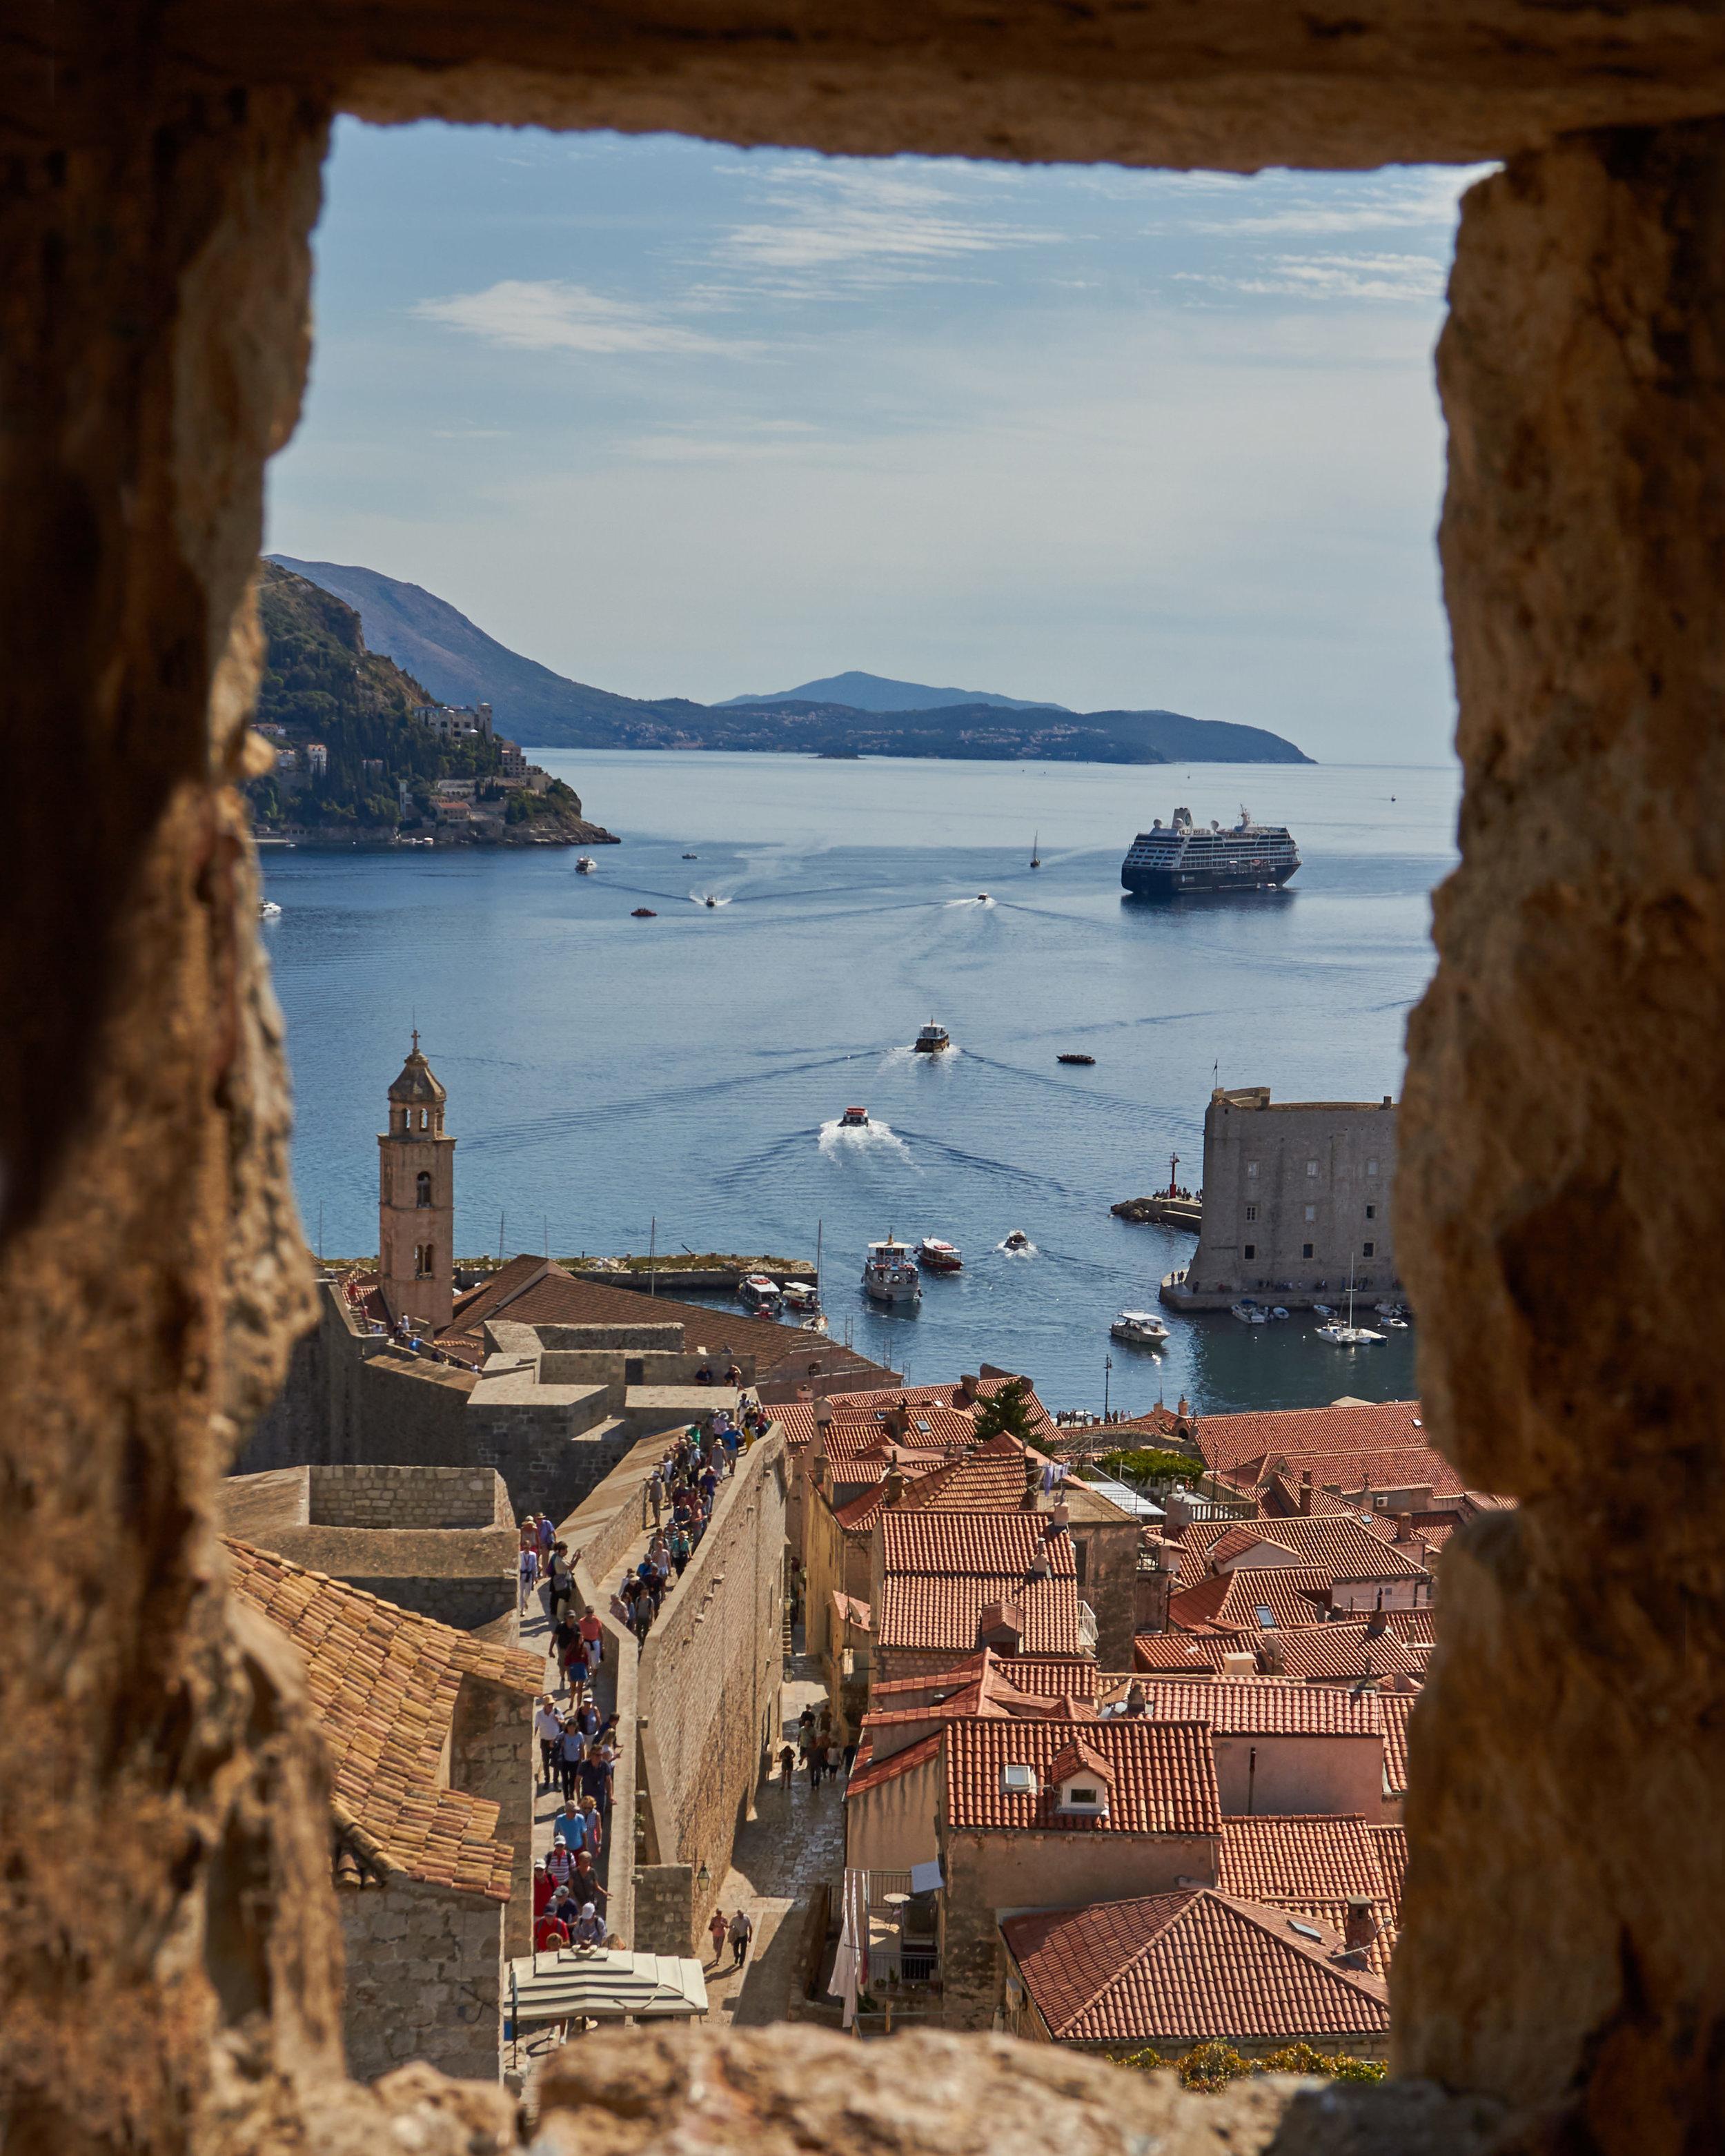 4_24-09-17_Dubrovnik_0423_PROCESSED.jpg